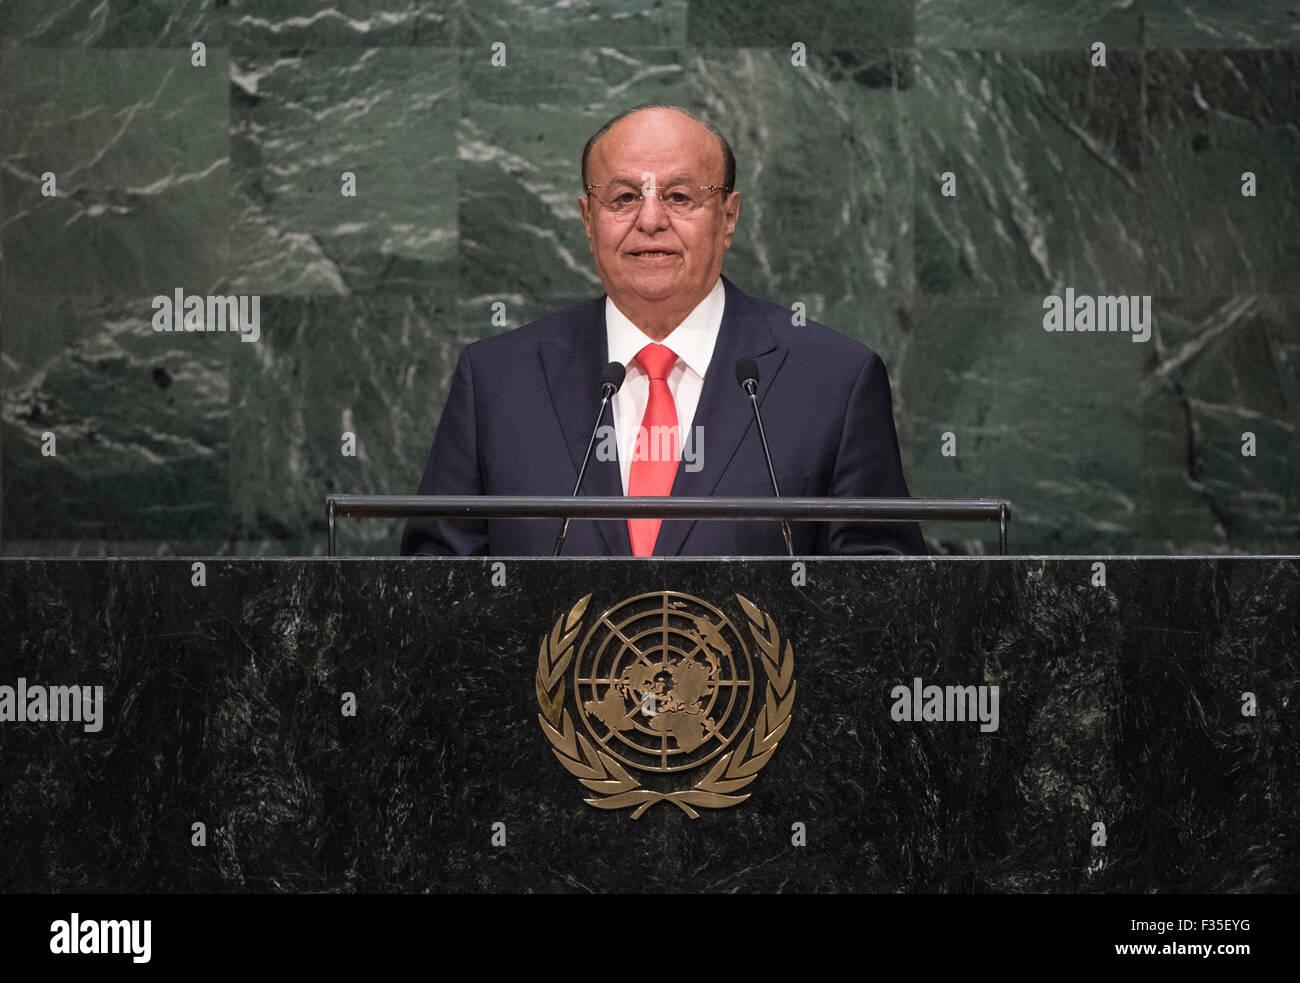 New York, NY, USA 29 Sep, 2015. Le président yéménite Abd-Rabbu Mansour Hadi traite de la 70e session de l'Assemblée générale des Nations Unies au siège des Nations Unies à New York, le 29 septembre, 2015. Photo ONU/Cia Pak/Xinhua/Alamy Live News Banque D'Images